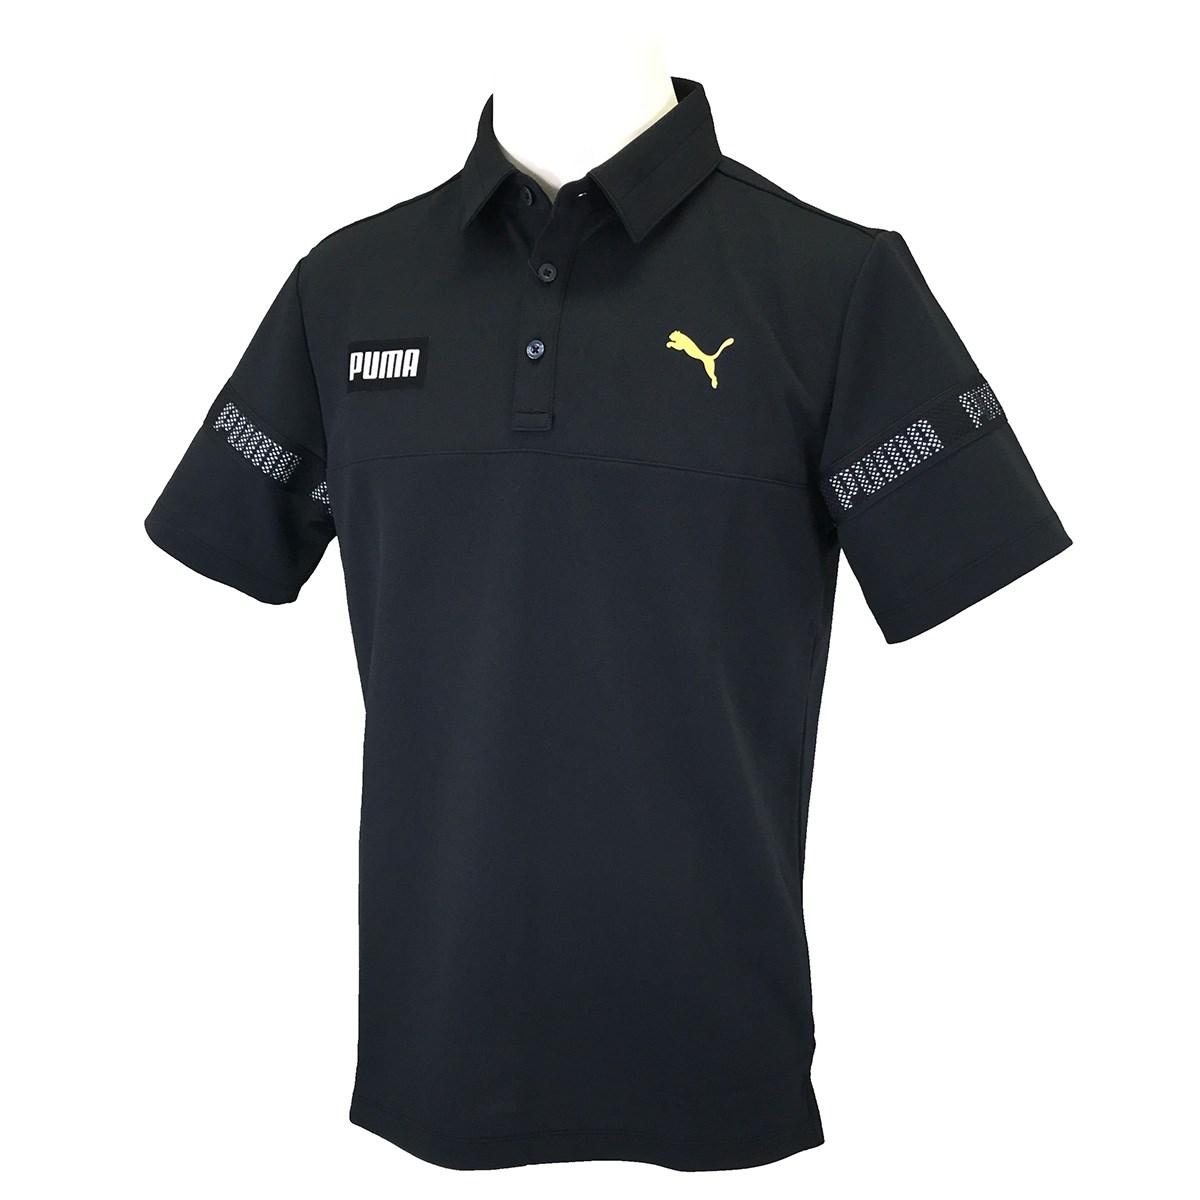 プーマ(PUMA) カラーブロック 半袖ポロシャツ